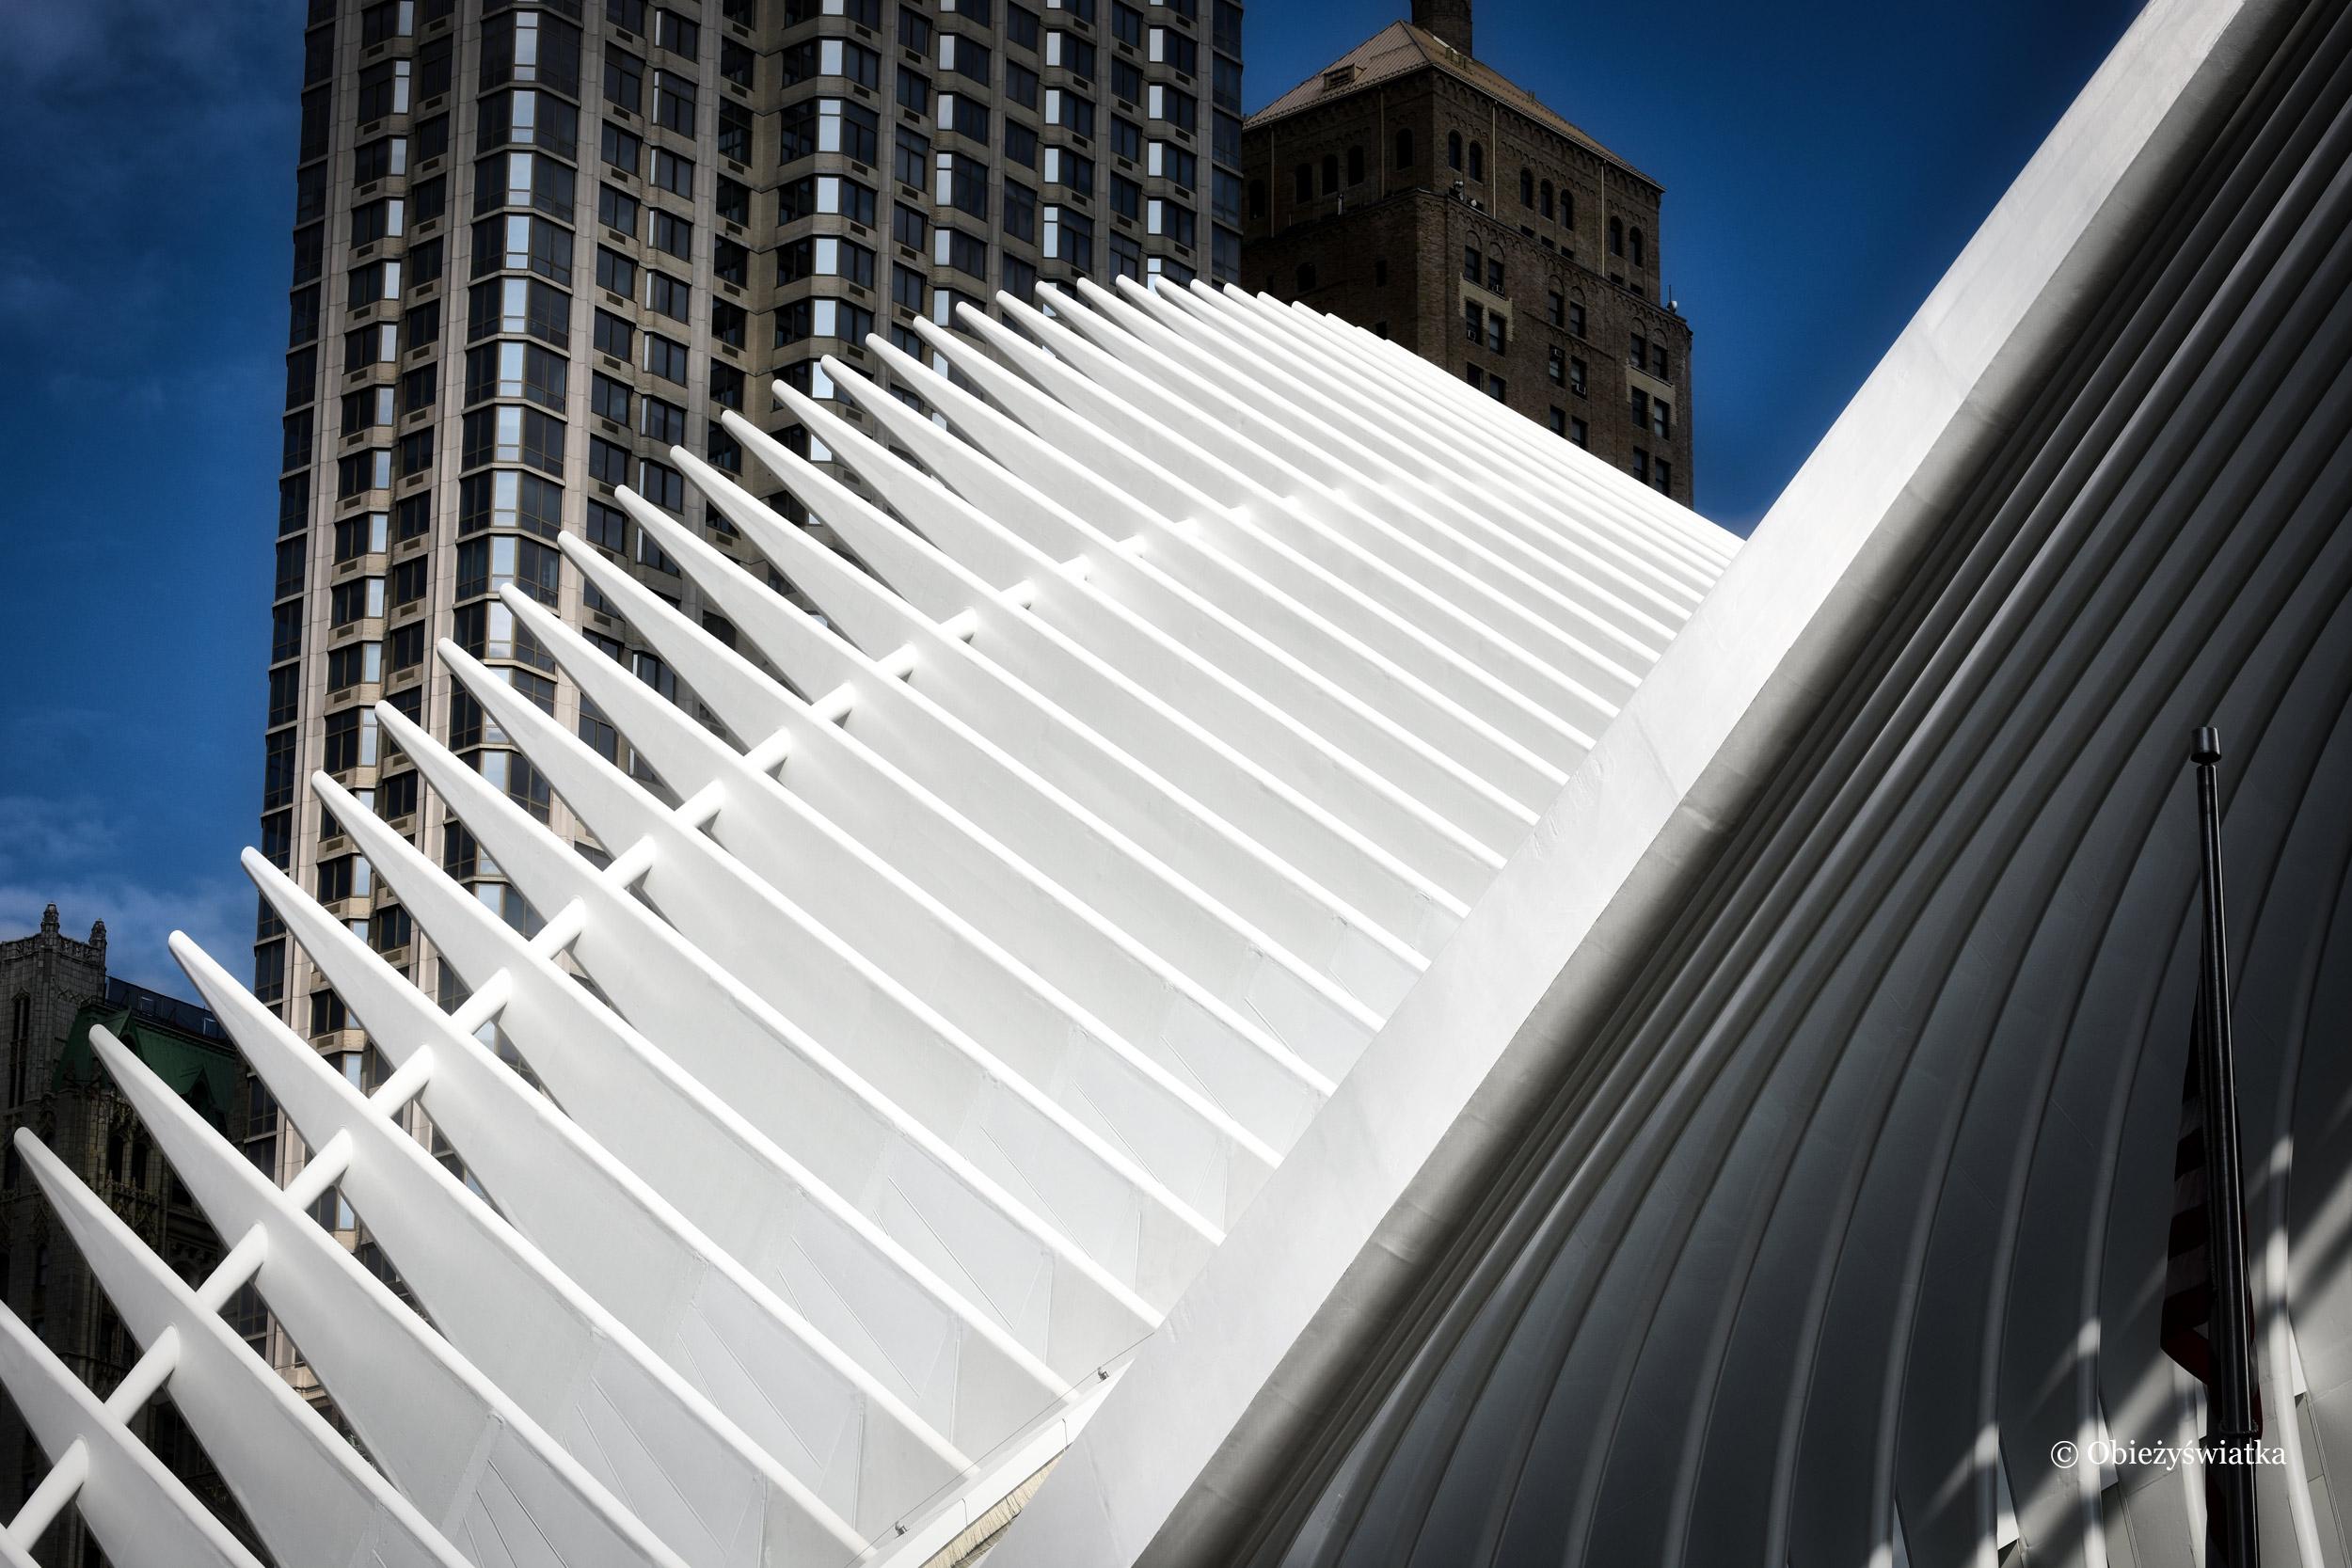 Biel.... - stacja metra Calatravy, NYC